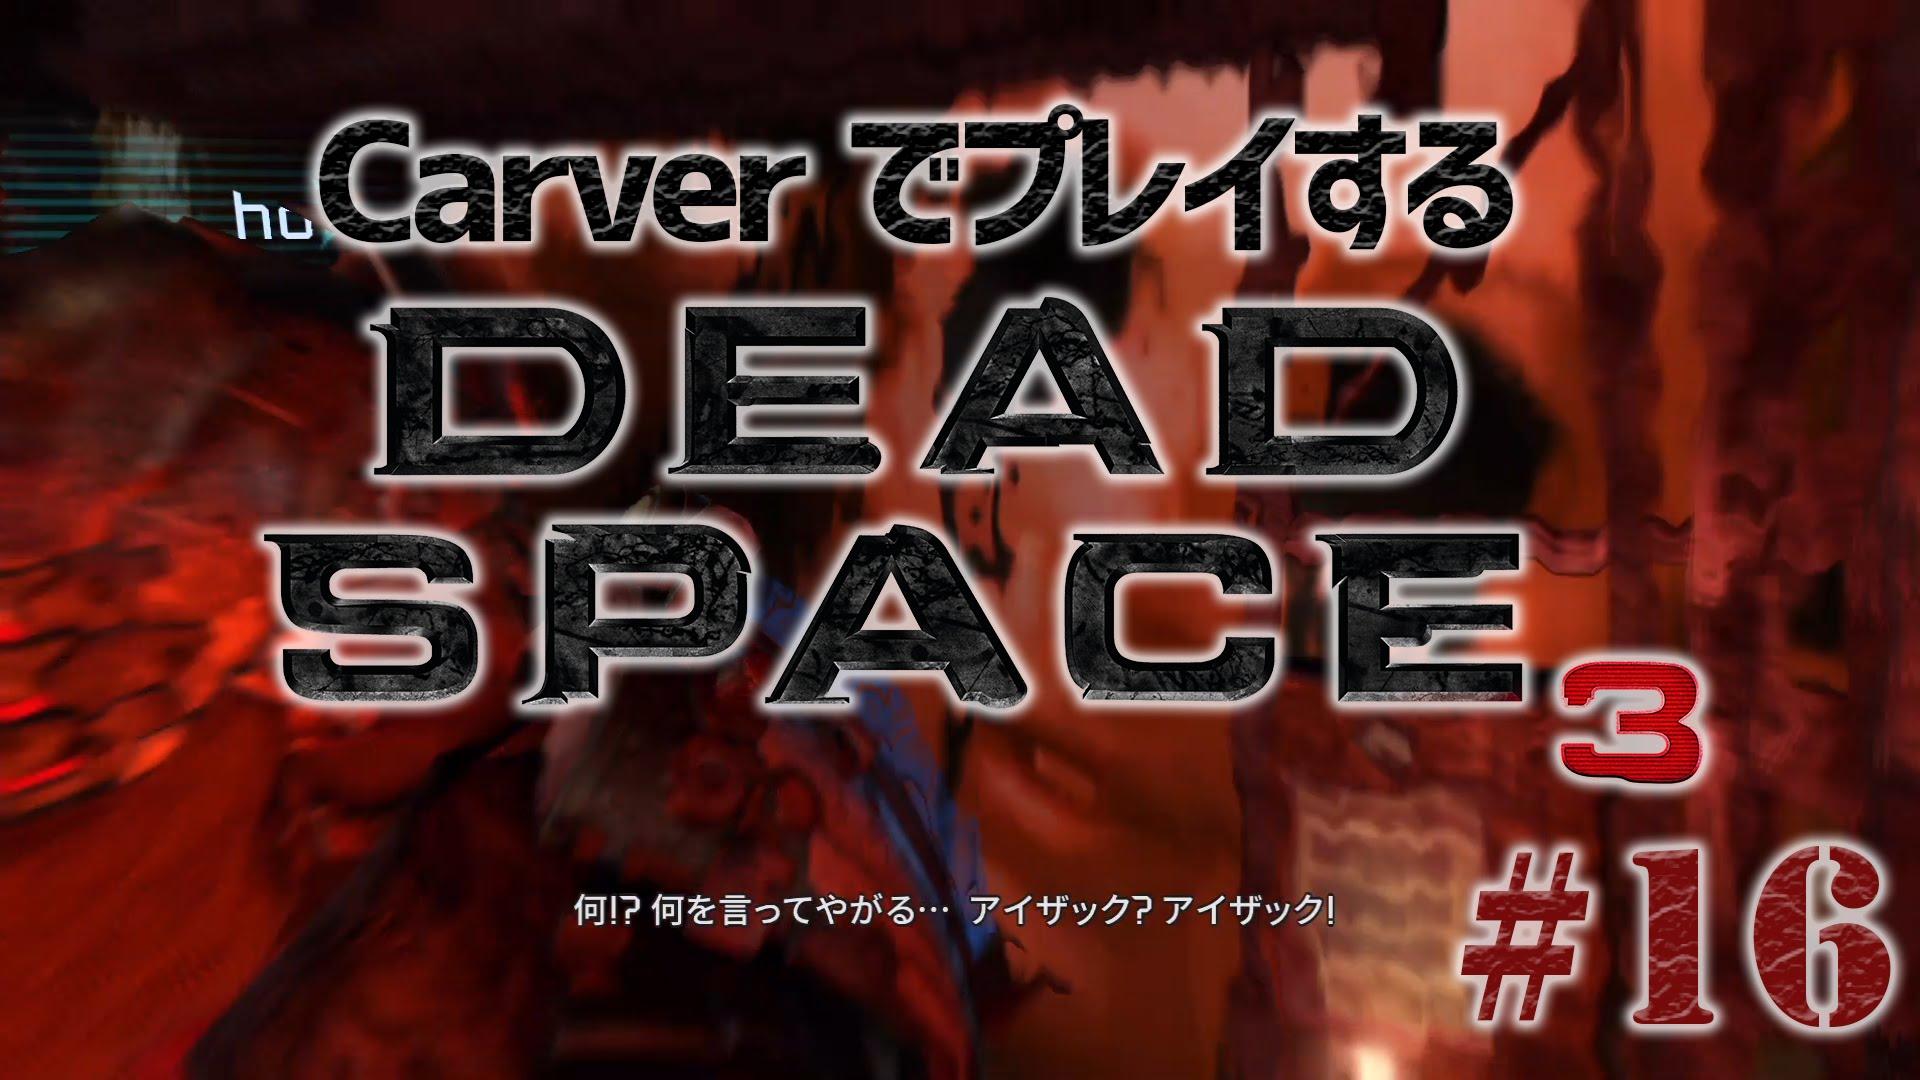 #16【日本語字幕】カーヴァーでプレイするDeadSpace3